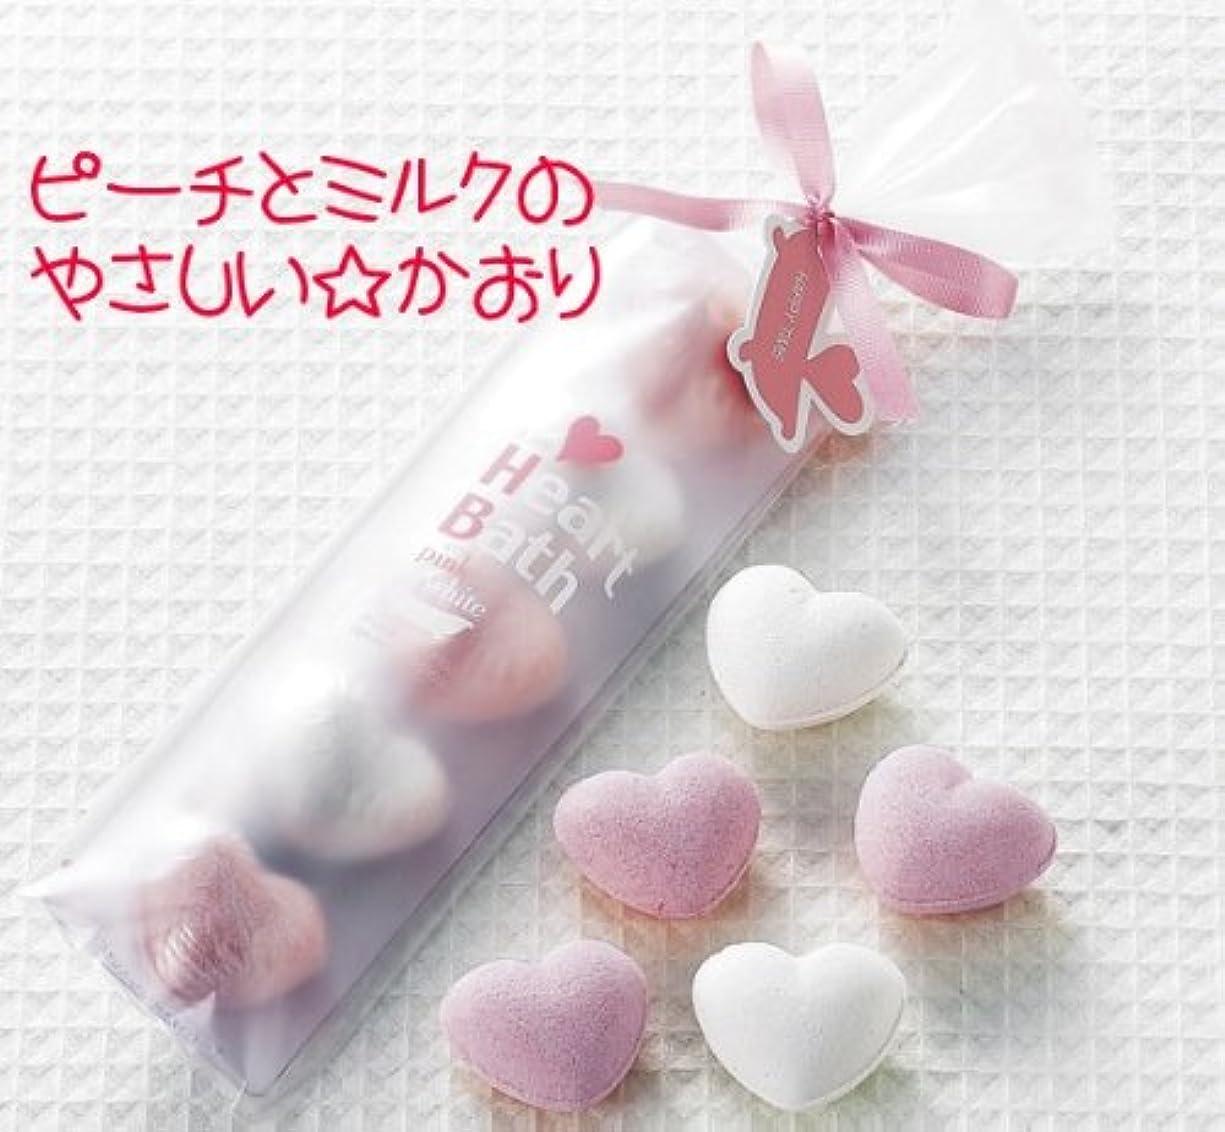 過去擁する映画ハートの入浴剤 ピーチ&ミルク【結婚式 二次会 プチギフト】